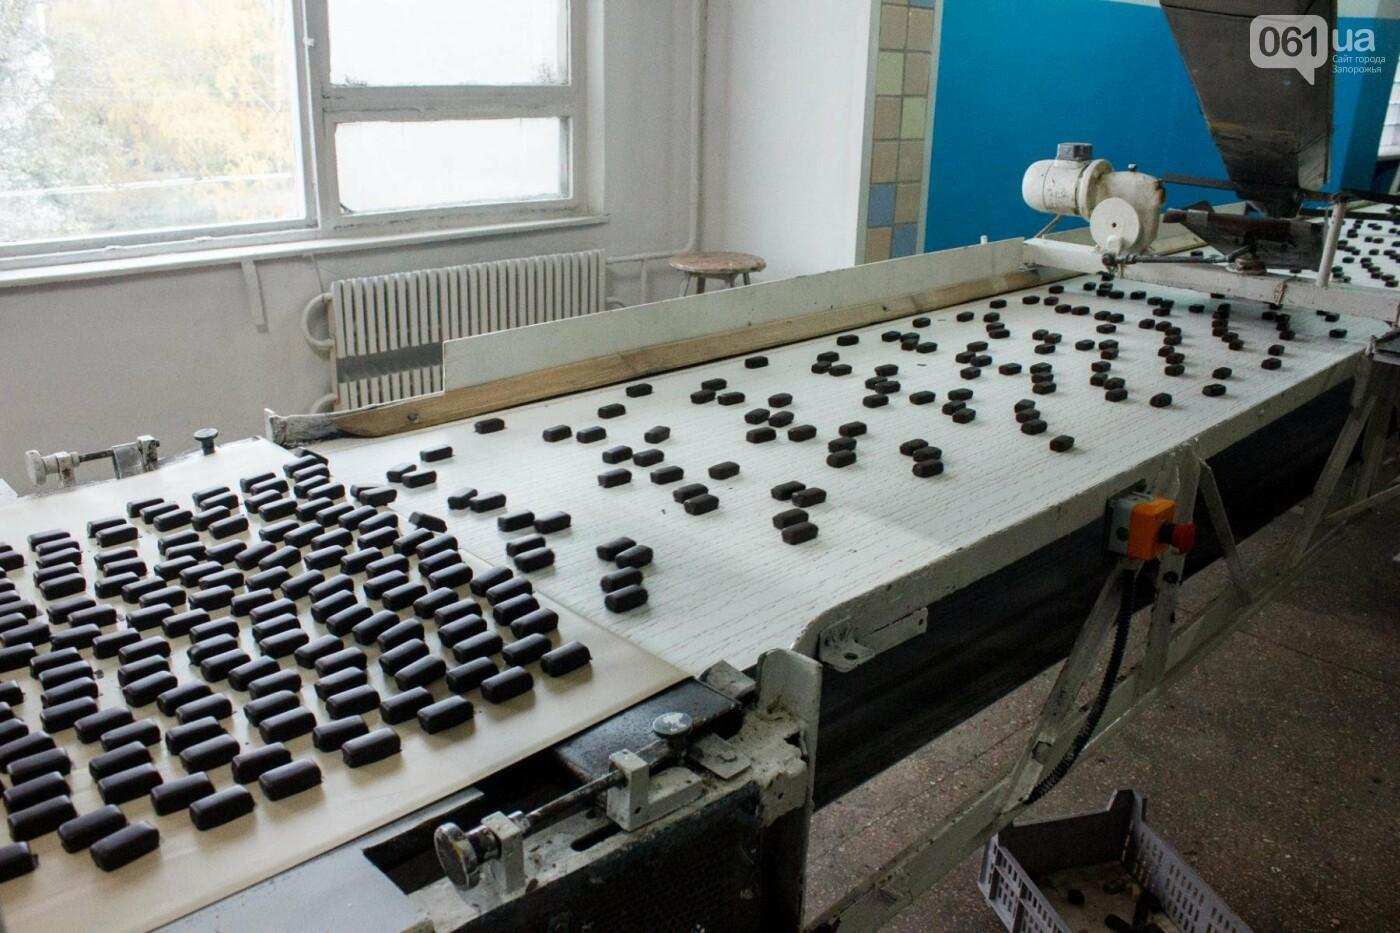 Как в Запорожье делают конфеты: экскурсия на кондитерскую фабрику, – ФОТОРЕПОРТАЖ, фото-26